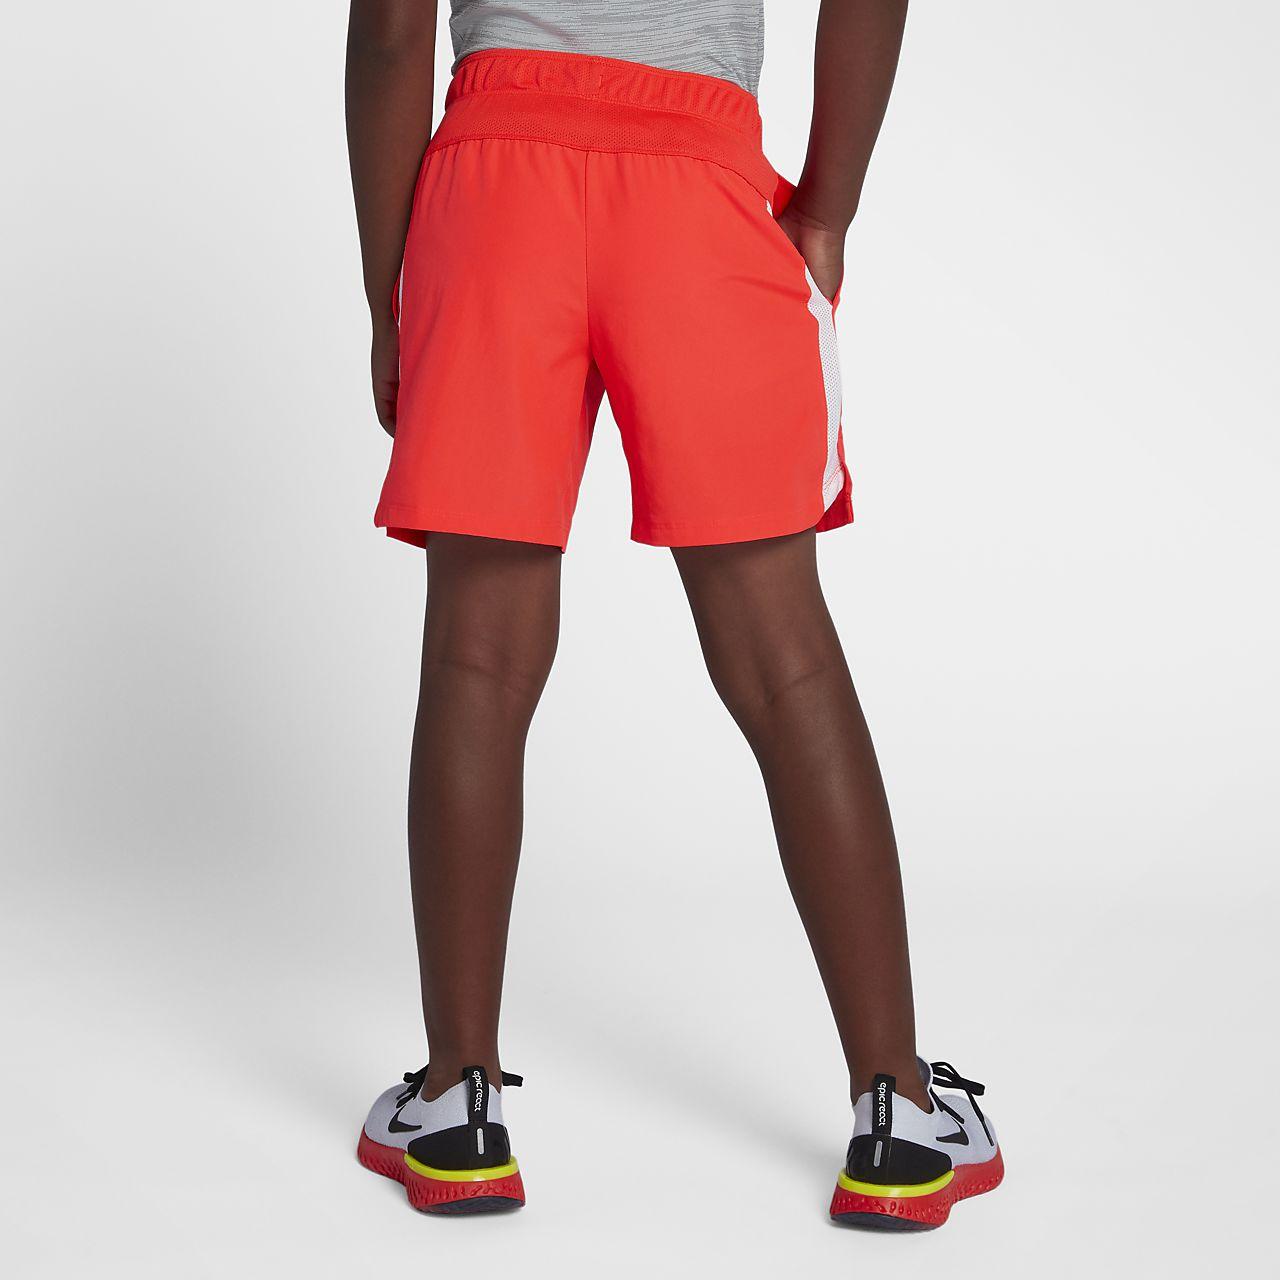 a010c89ca Nike Dri-FIT Challenger Big Kids' (Boys') 6